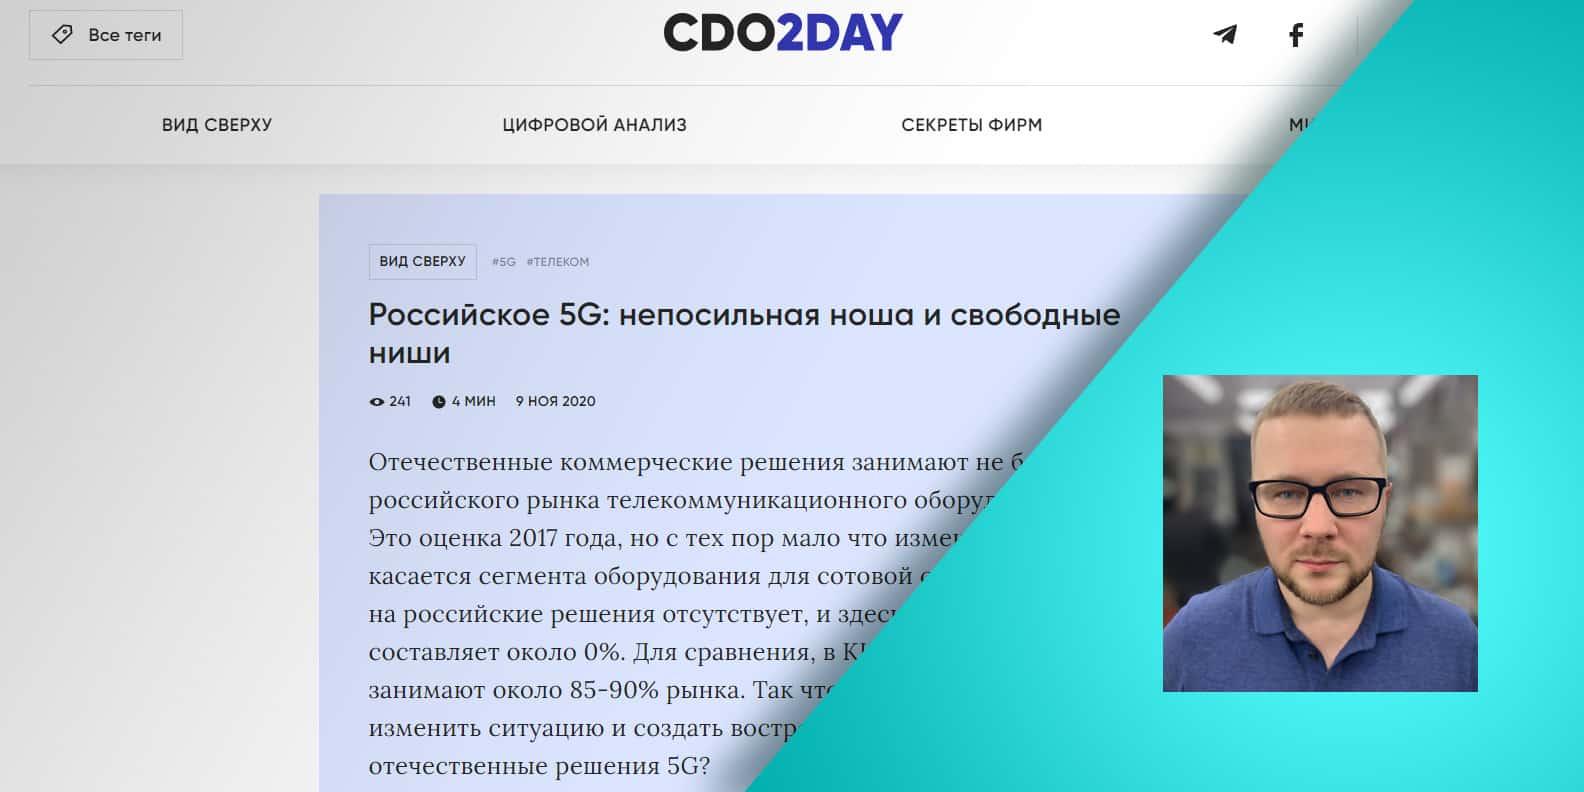 Александр Сиволобов, руководитель службы коммуникаций ЦК НТИ на базе Сколтеха по технологиям беспроводной связи и интернета вещей подготовил статью для портала CDO2Day, в которой рассуждает про ключевые факторы, которые могут…